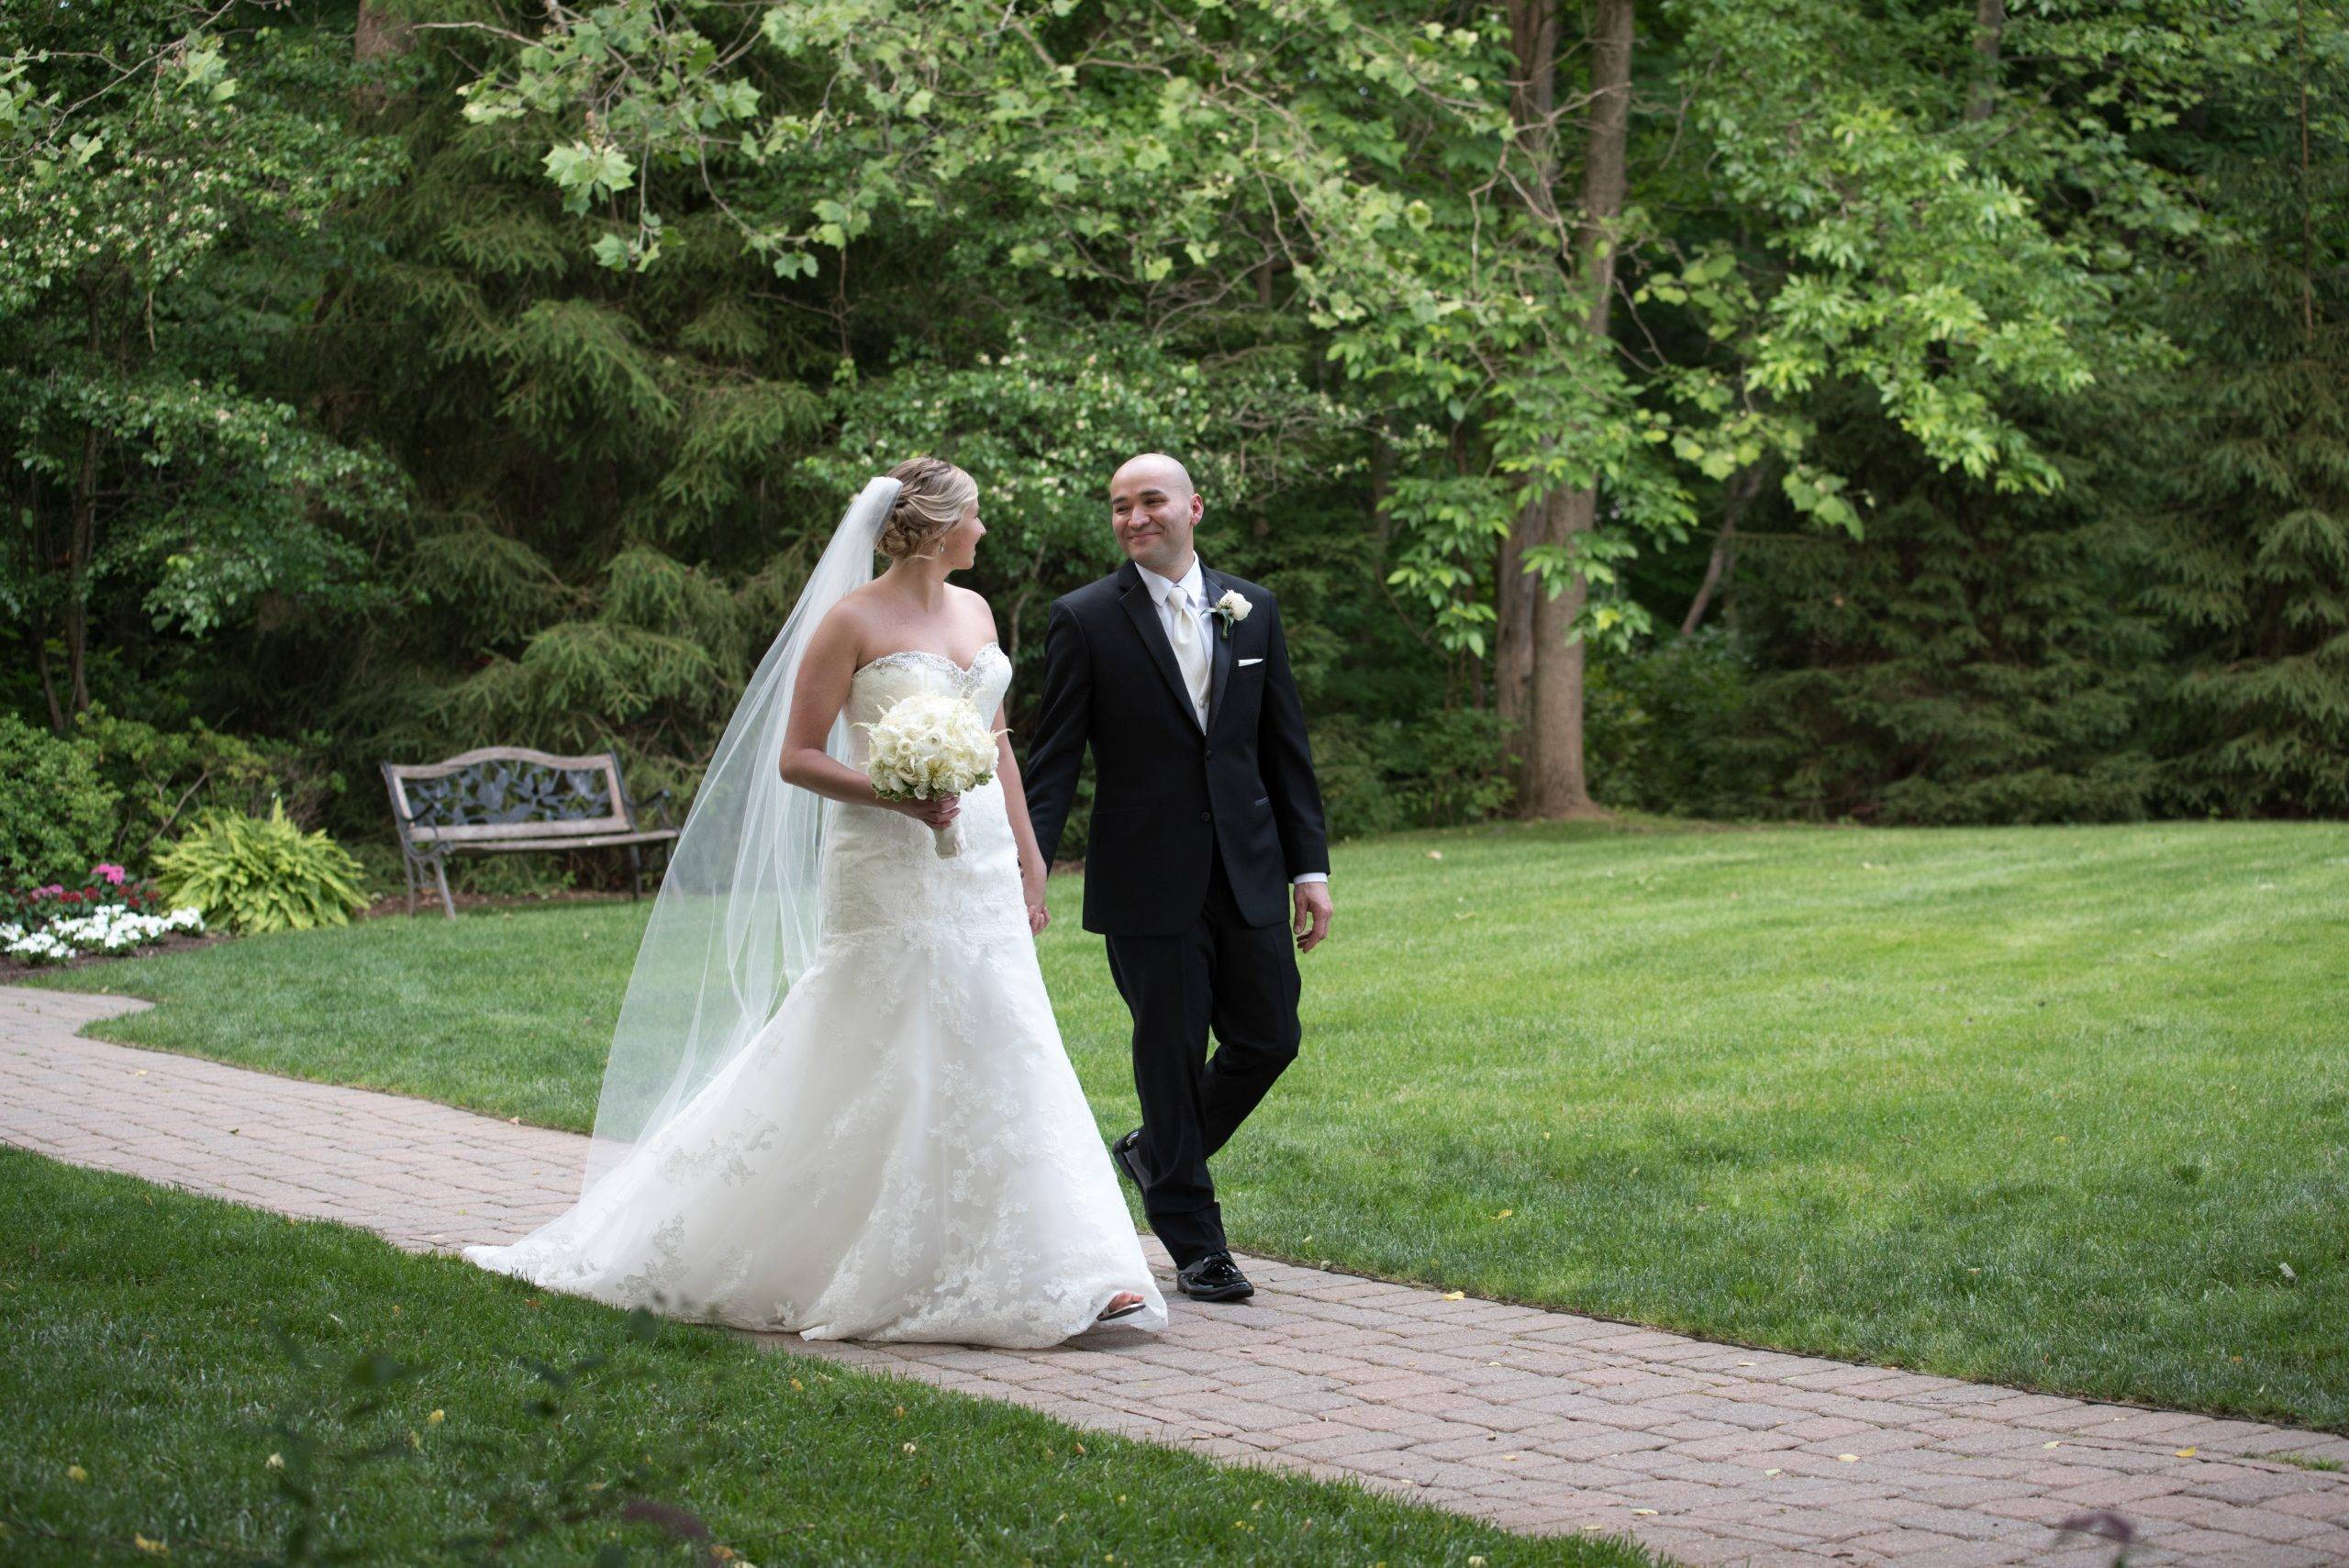 Olde Mill Inn outdoor wedding couple